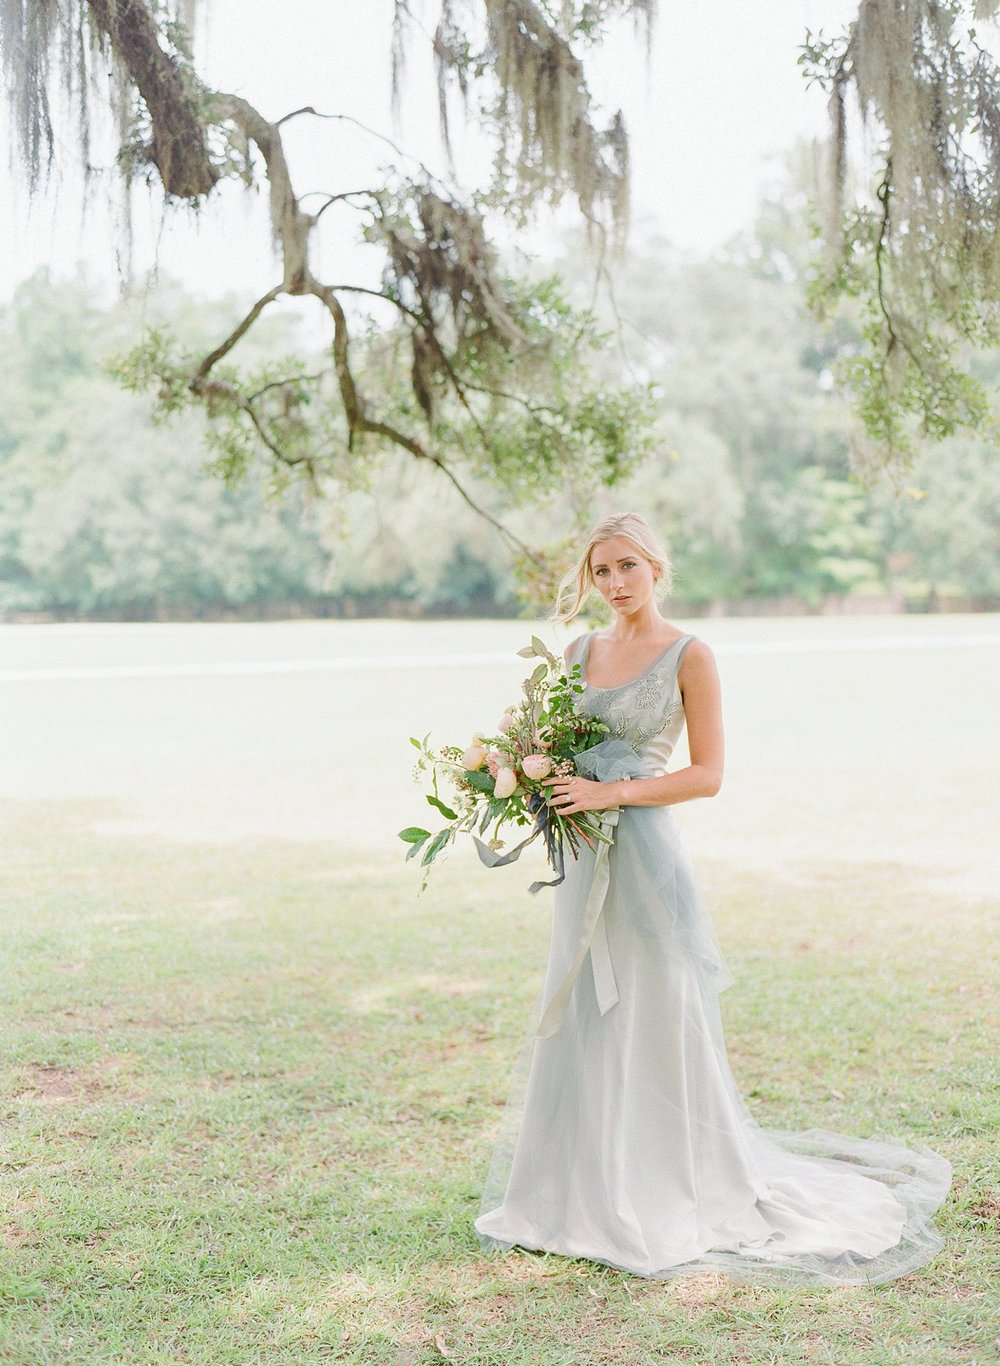 Carol Hannah Bridal Downton Gown TSOS-joyce-ko-jodimillerphoto_007.JPG